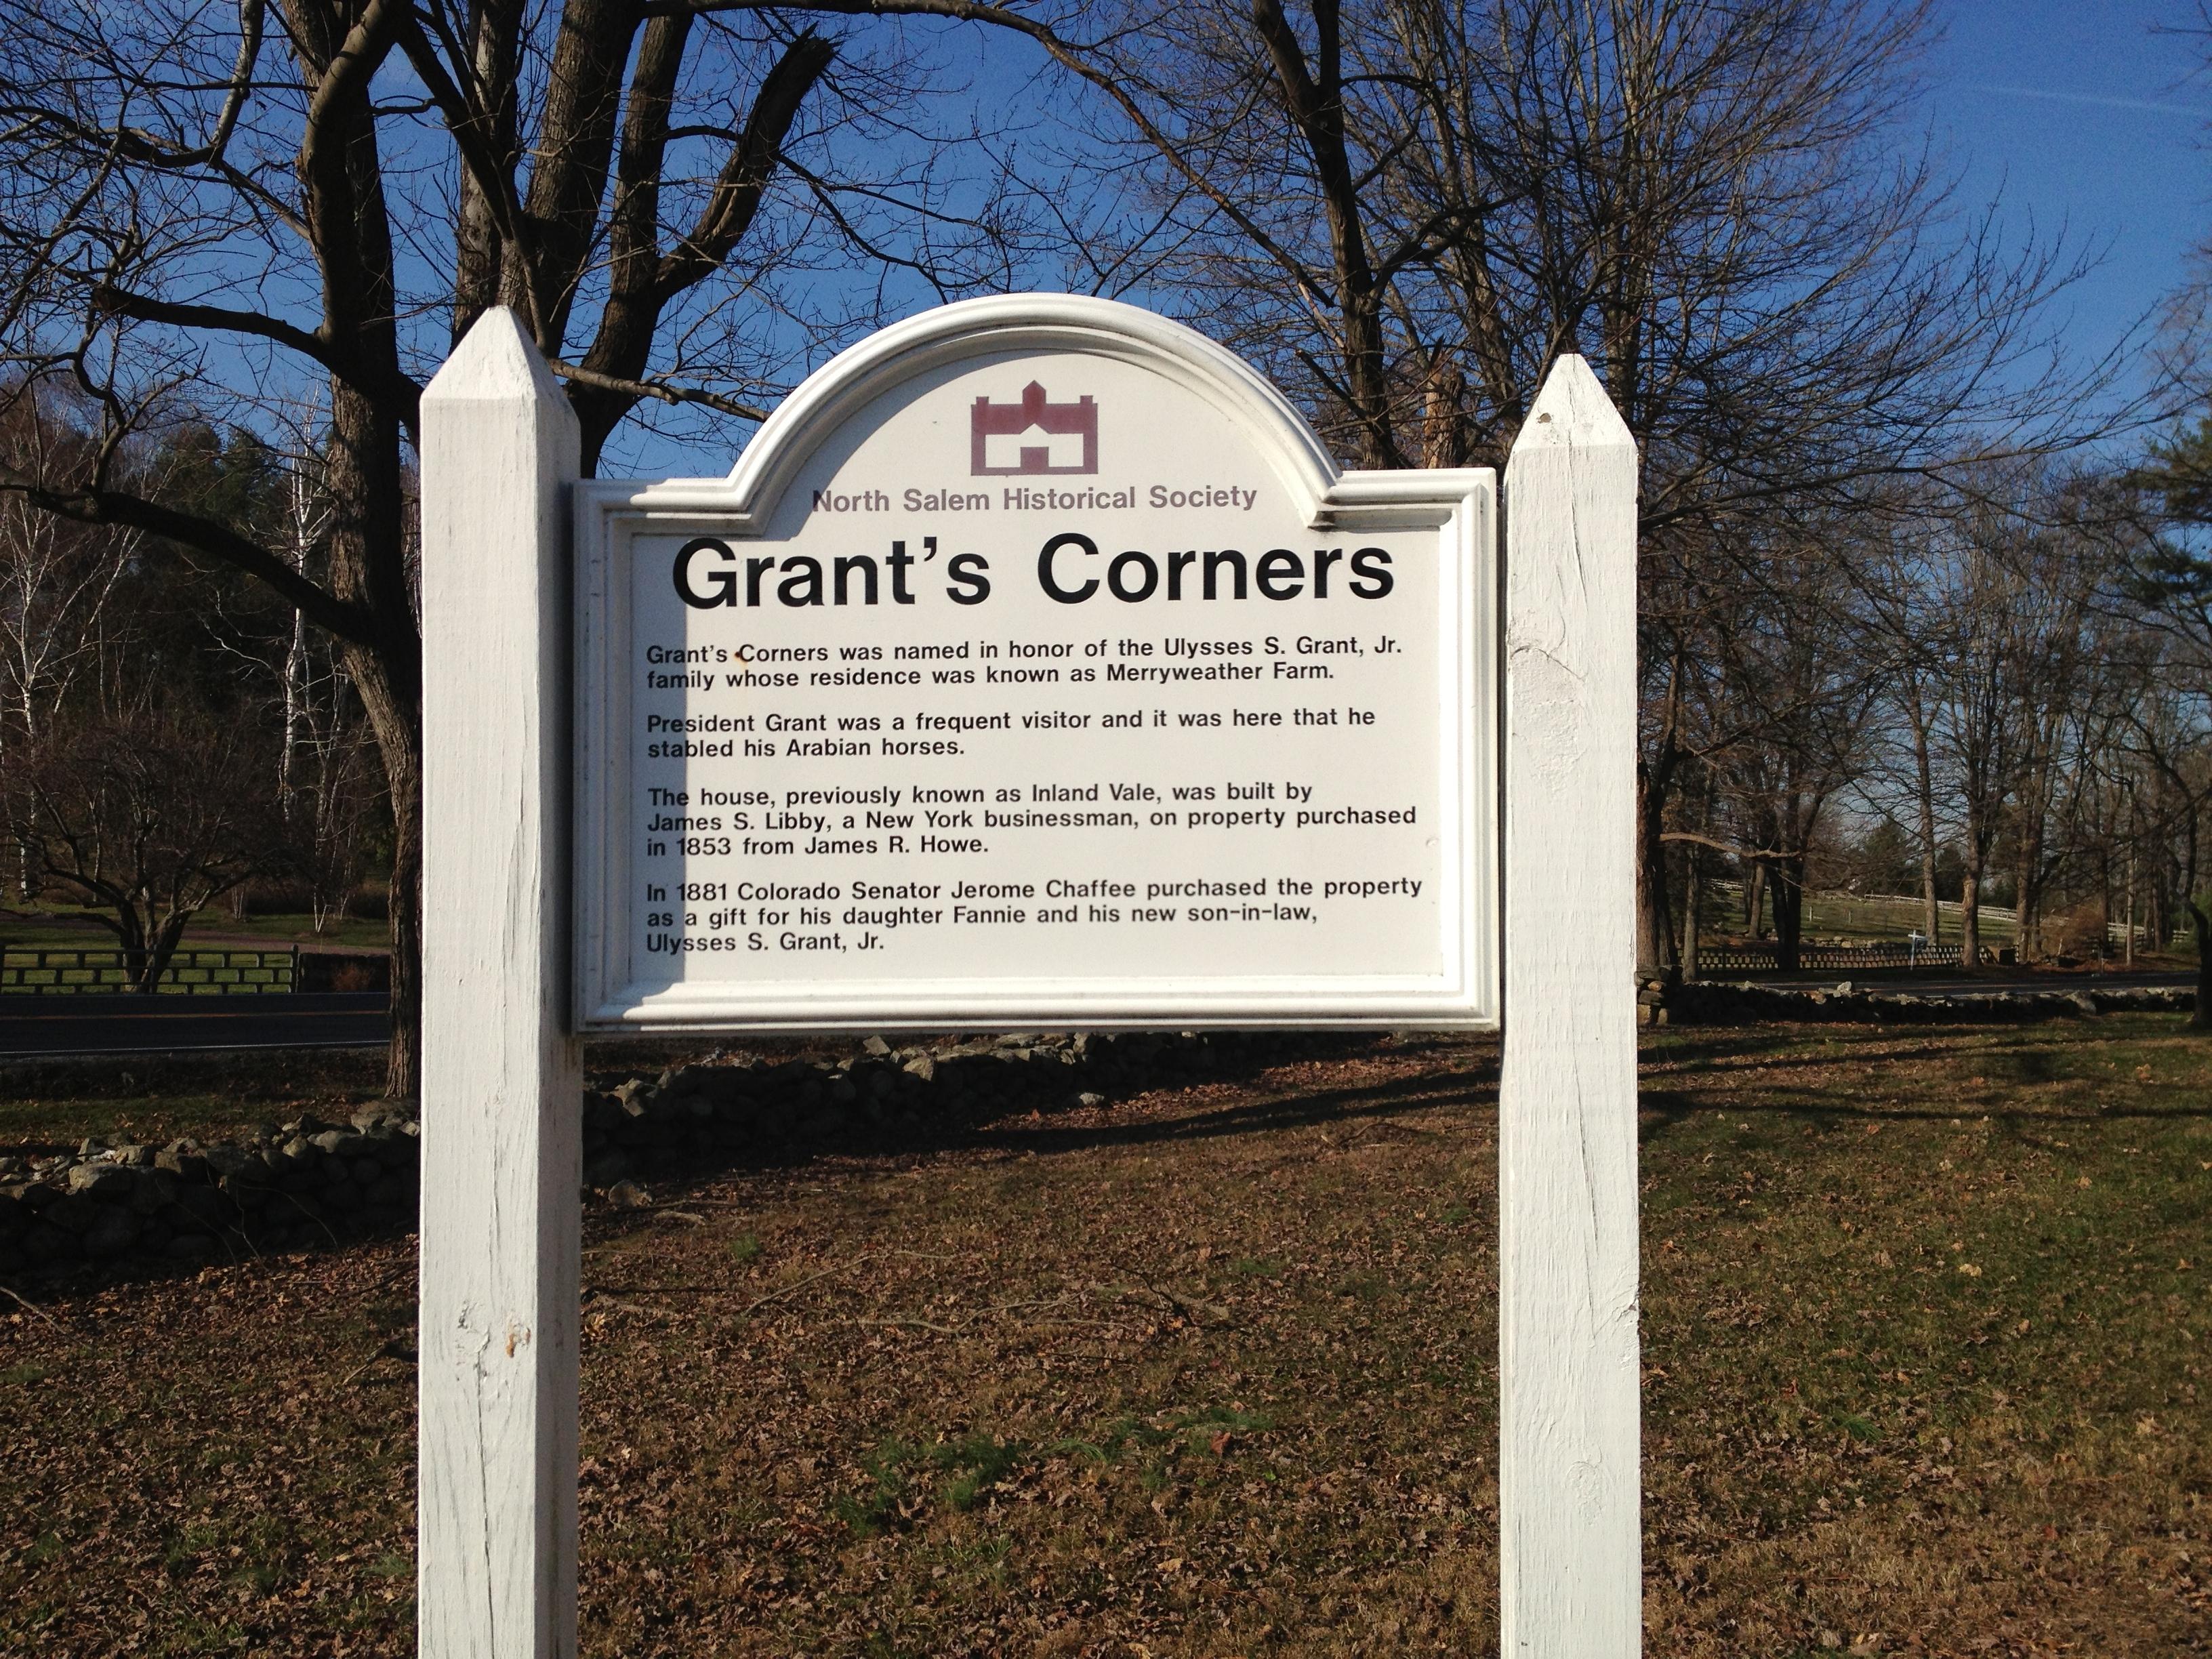 Grant's Corners in North Salem, N.Y.